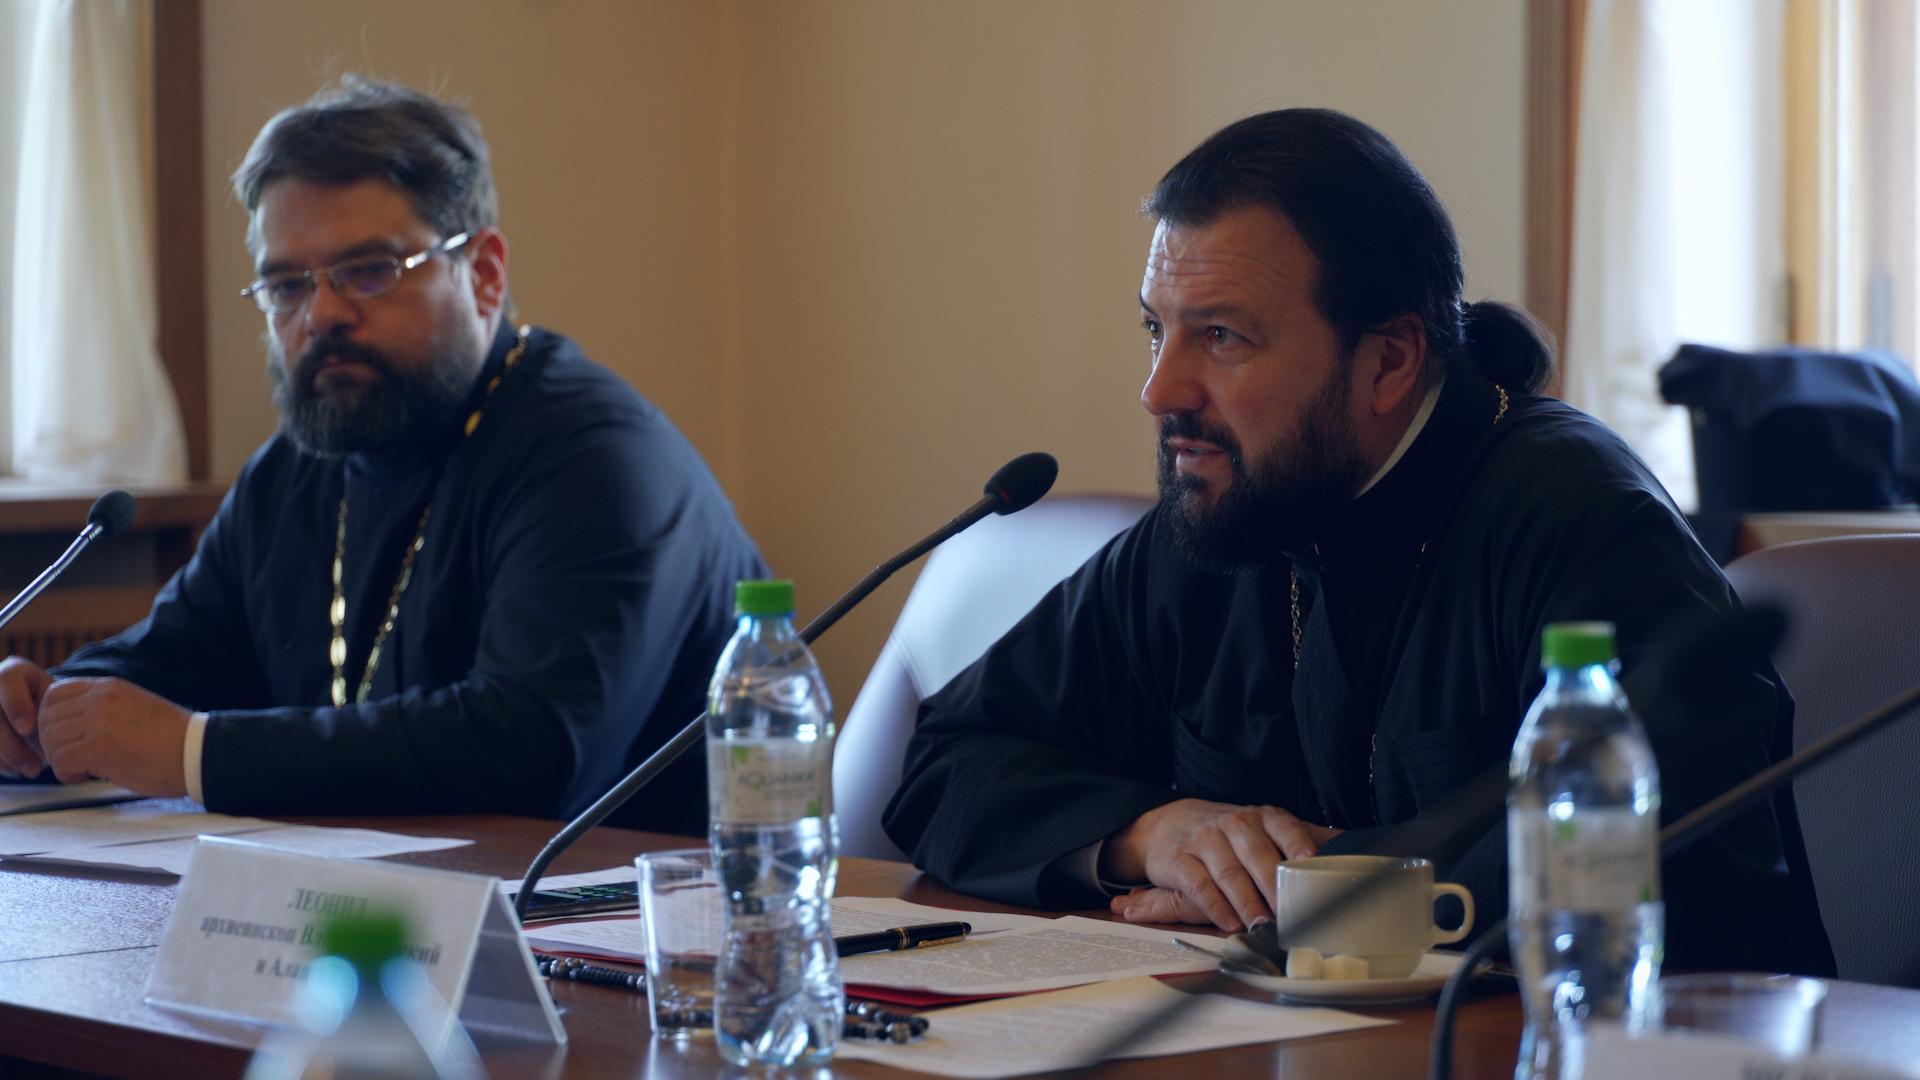 Проблемы христианских общин на Ближнем Востоке обсудили в ОВЦС